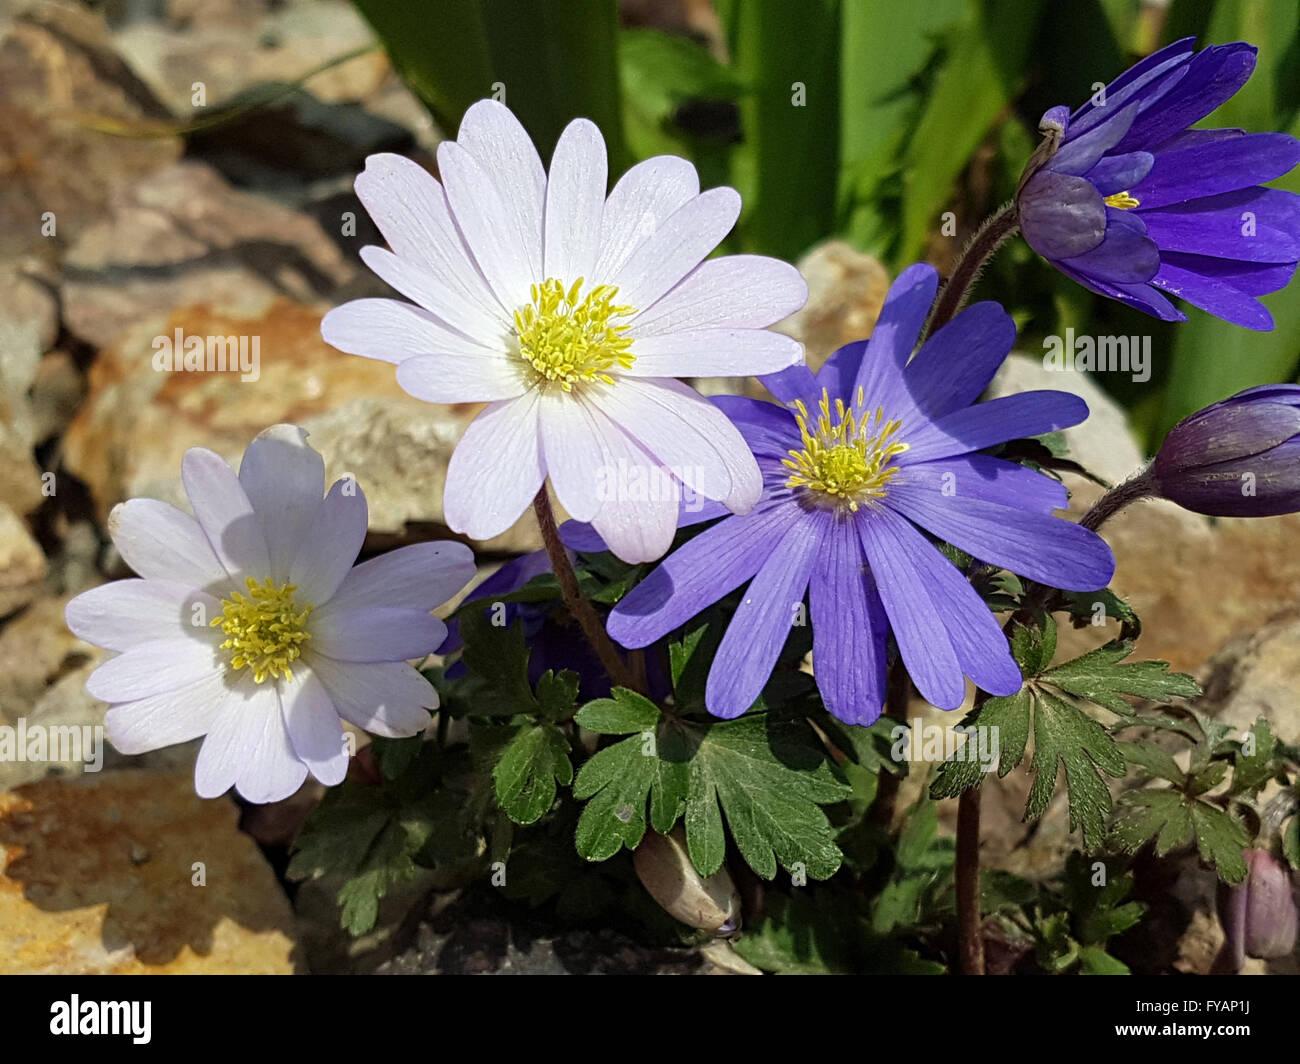 Strahlenanemone ist eine Blume im Fruehjahr - Stock Image